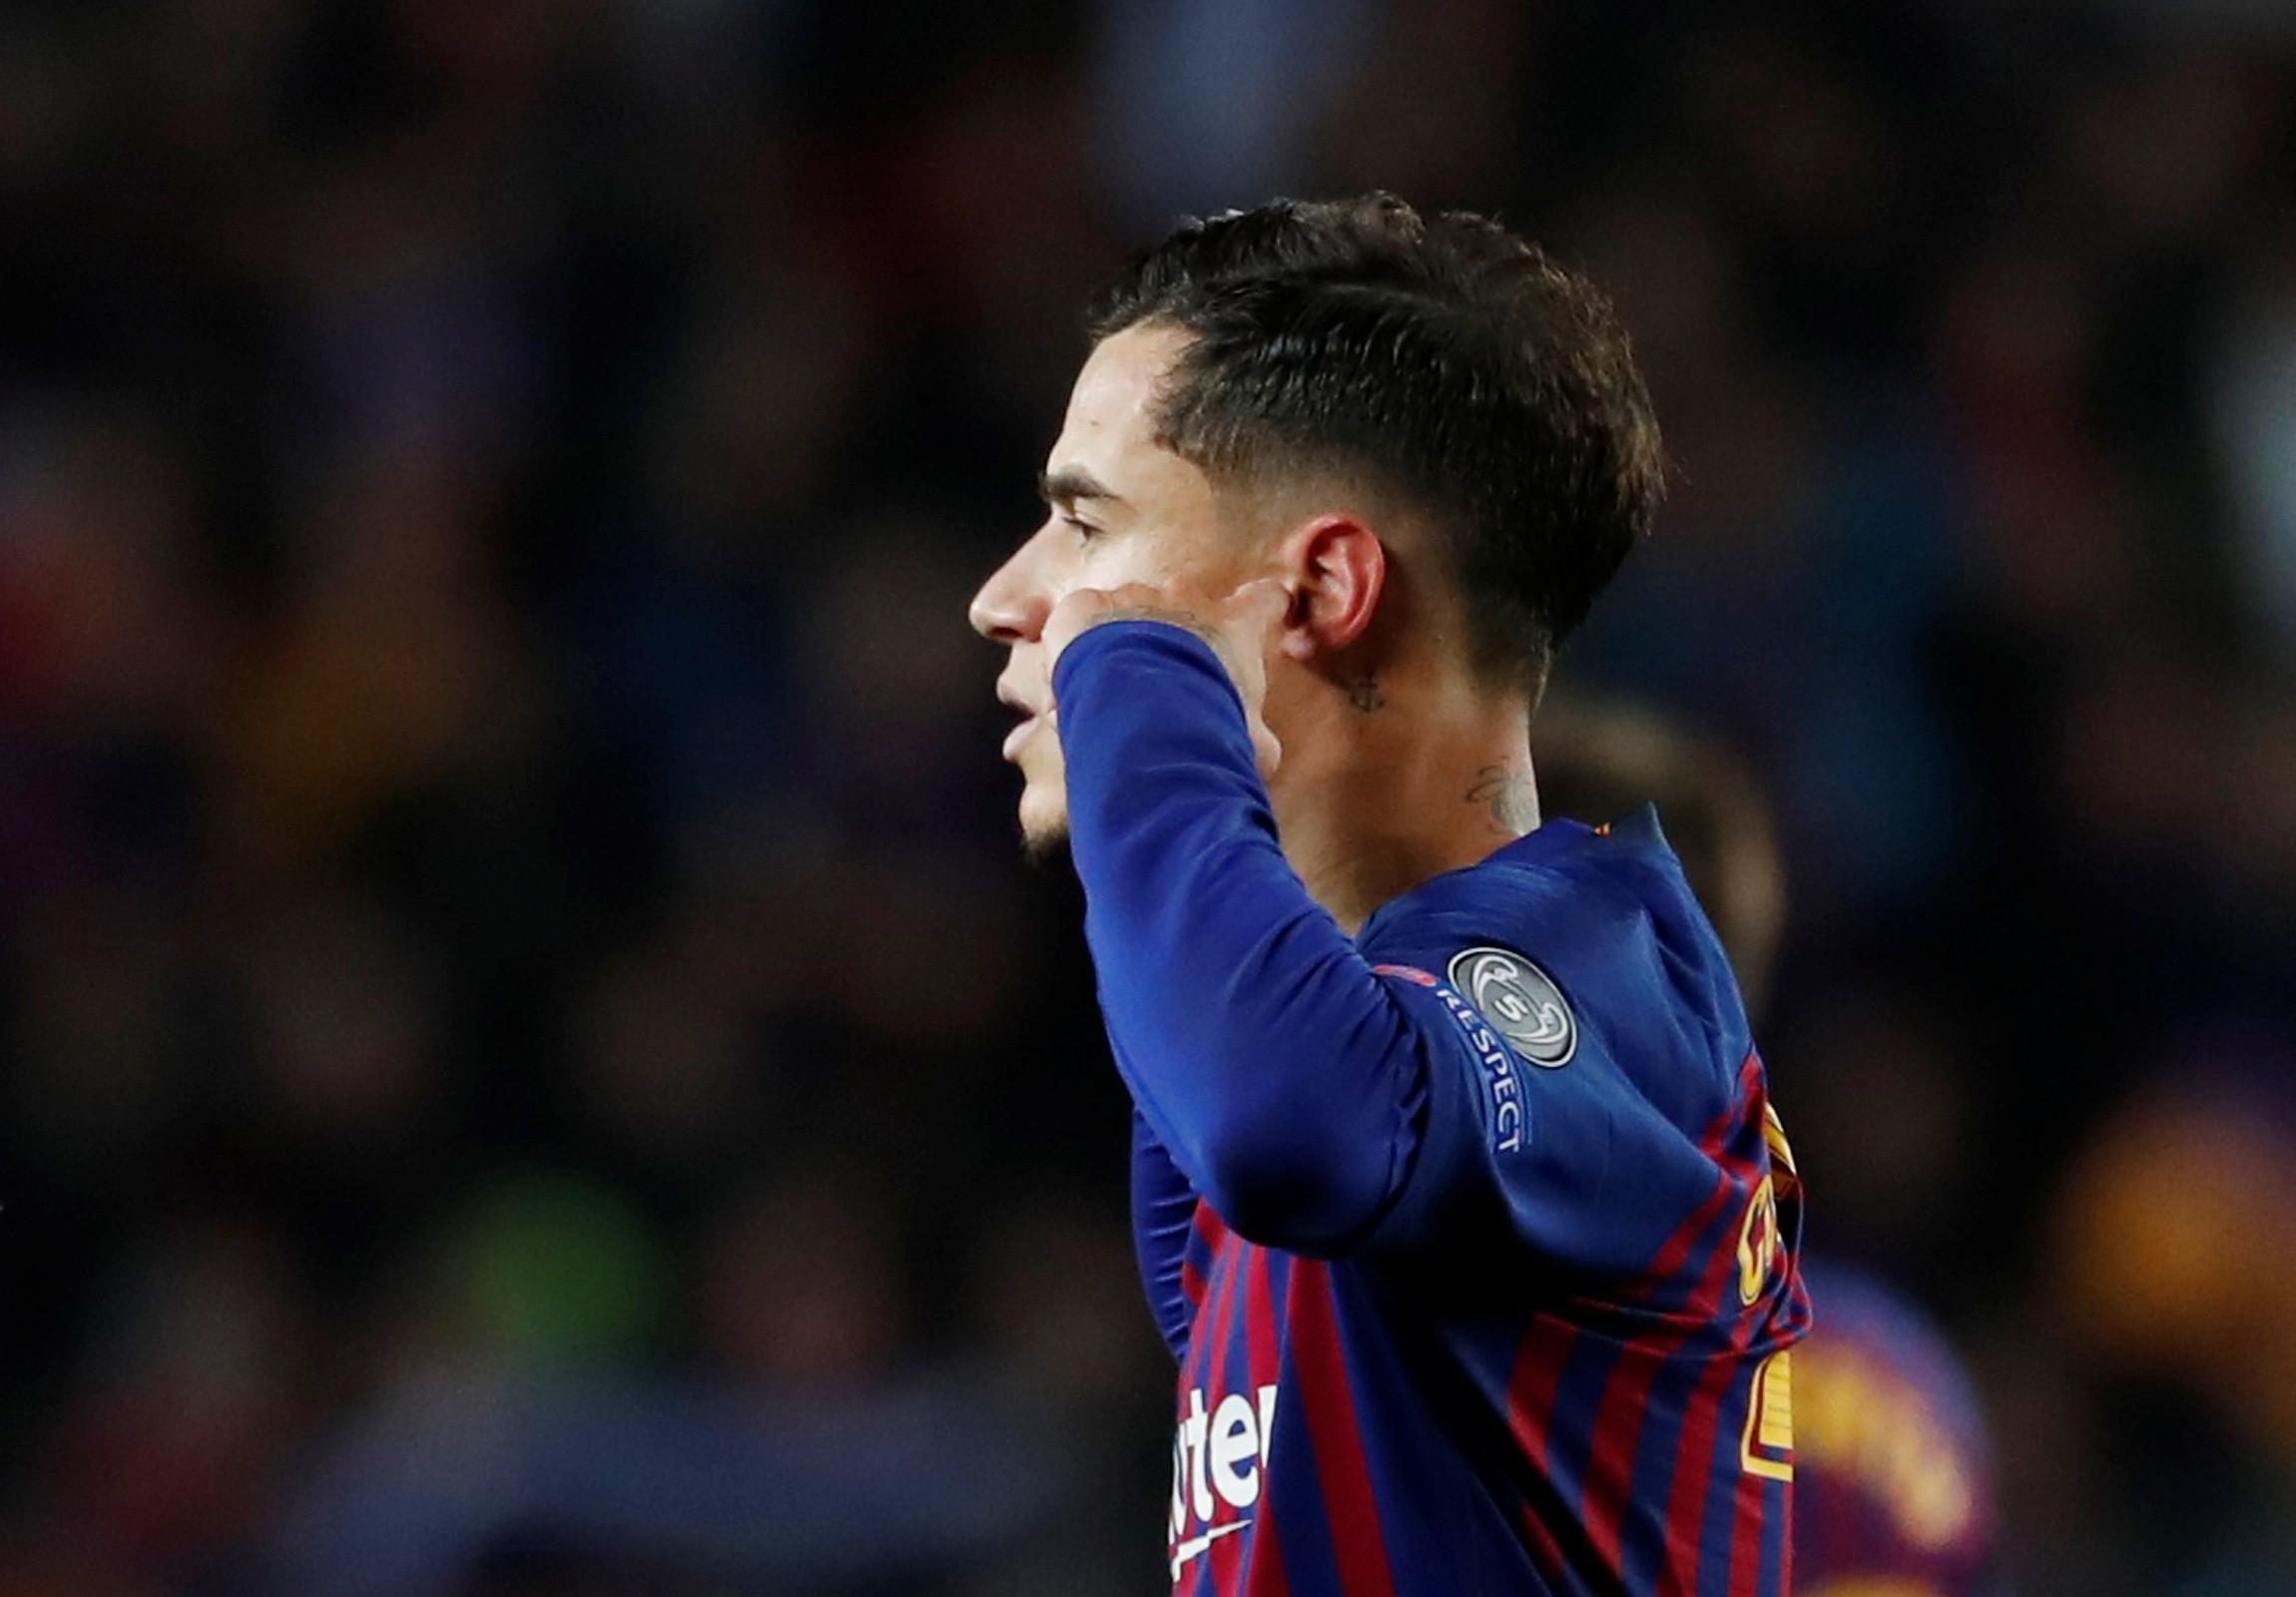 Após festejo polémico em Camp Nou, Coutinho explica-se aos adeptos